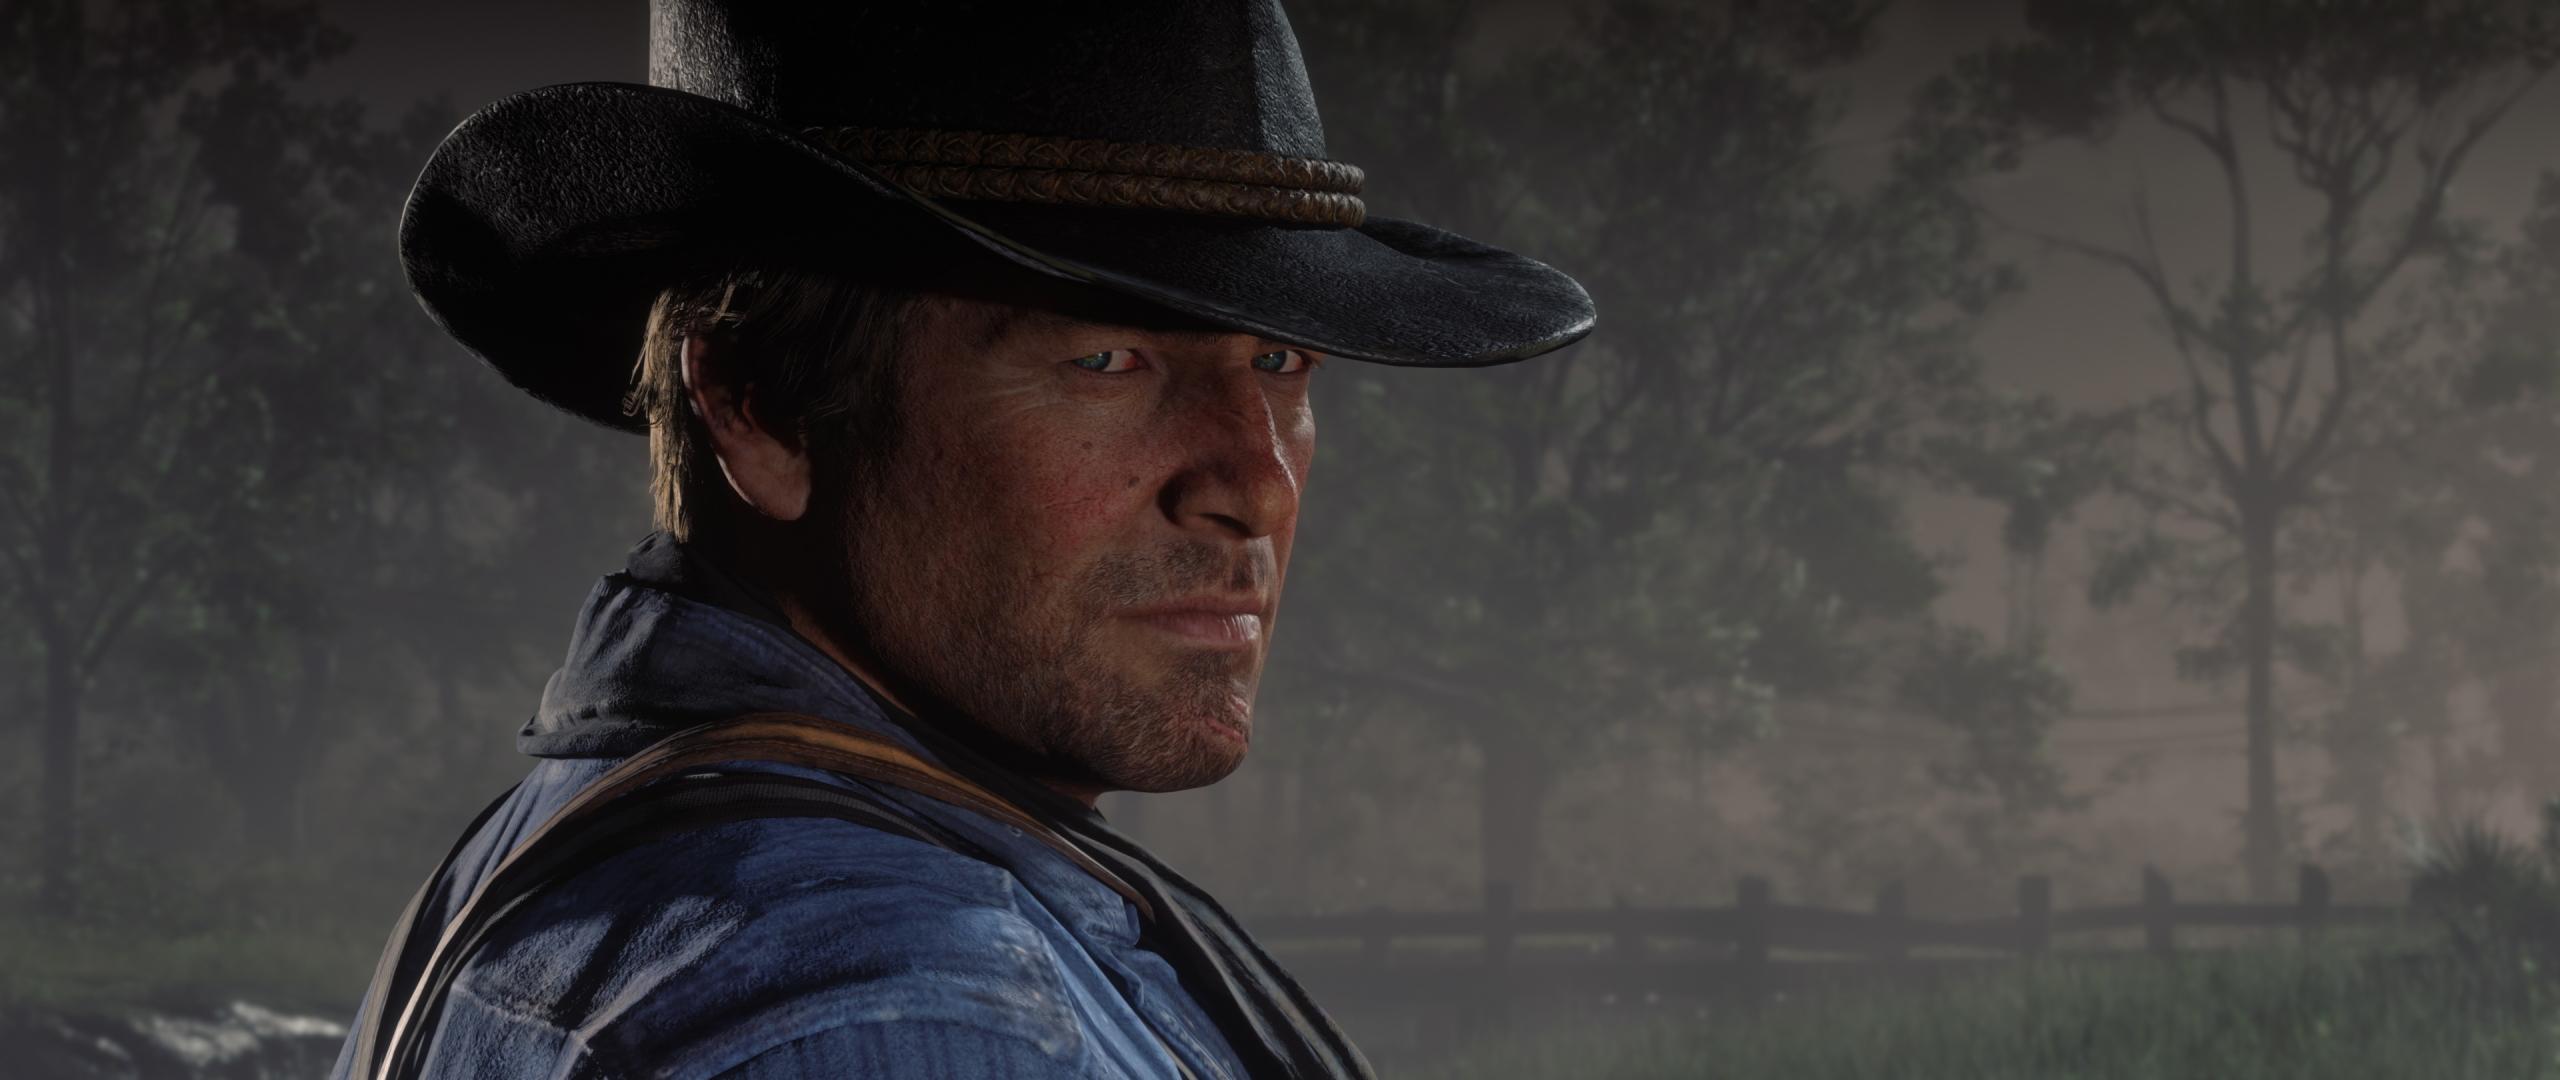 2560x1080 Red Dead Redemption 2 2019 2560x1080 Resolution ...